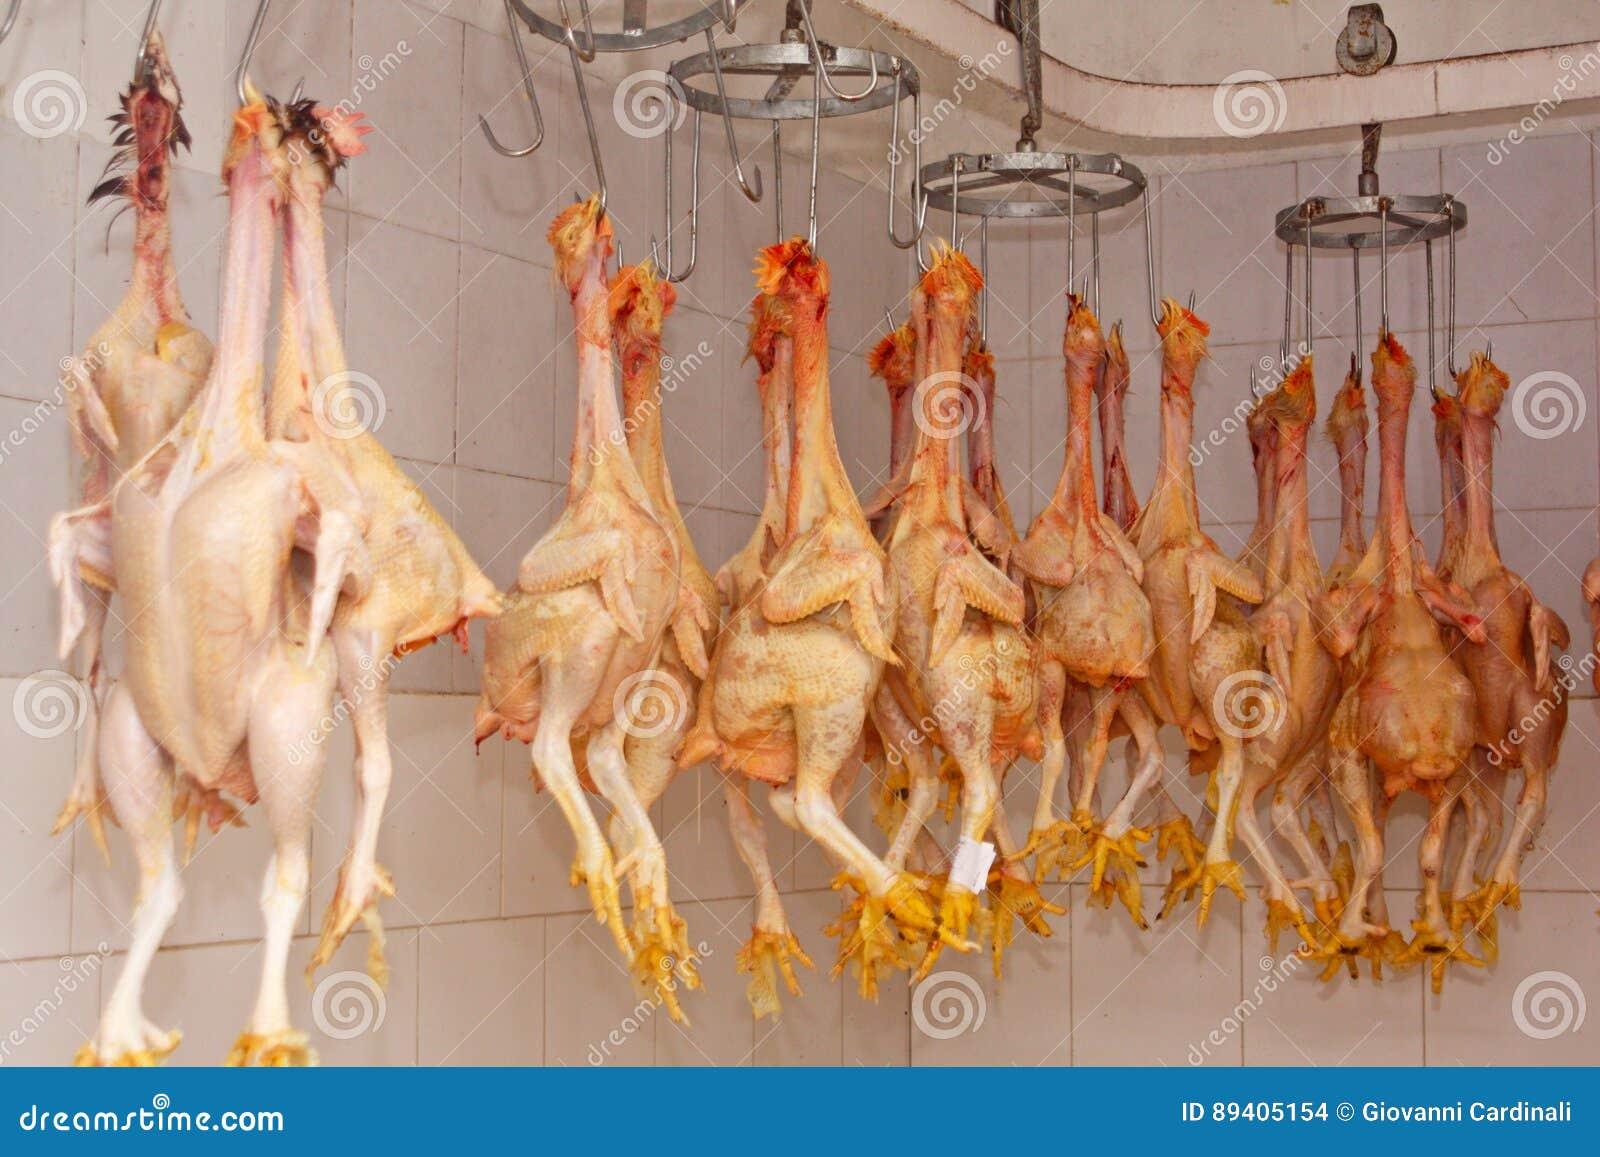 Carne crua da galinha